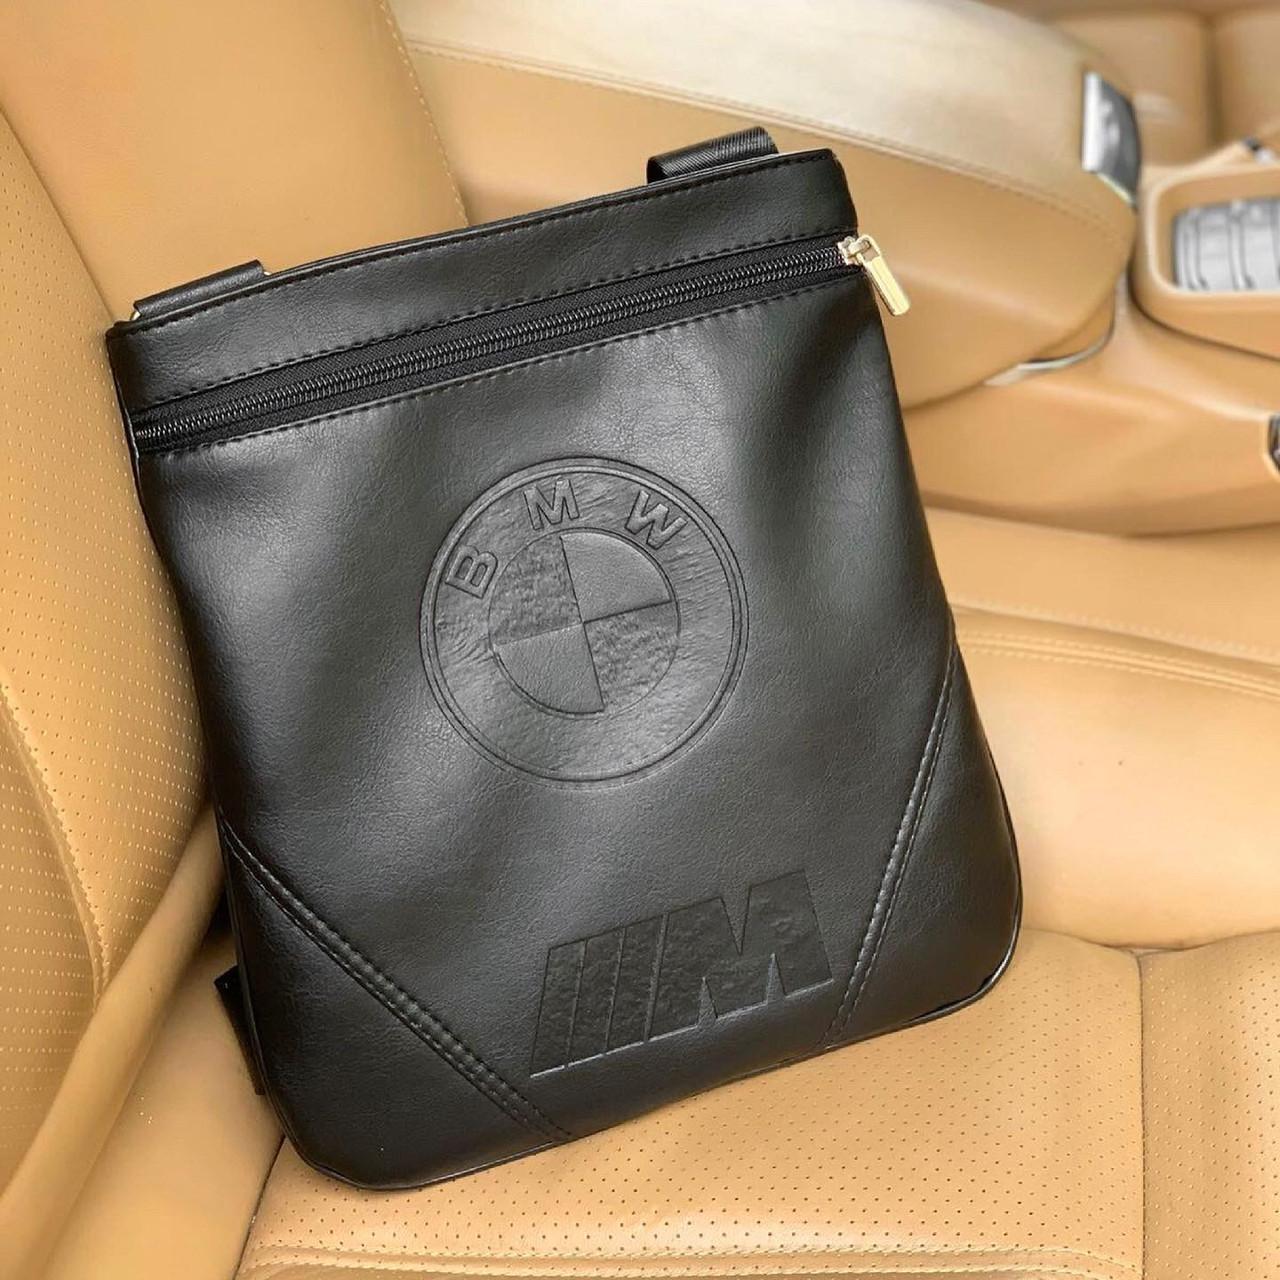 Сумка мужская BMW через плечо почтальенка мессенджер брендовая копия высокого качества